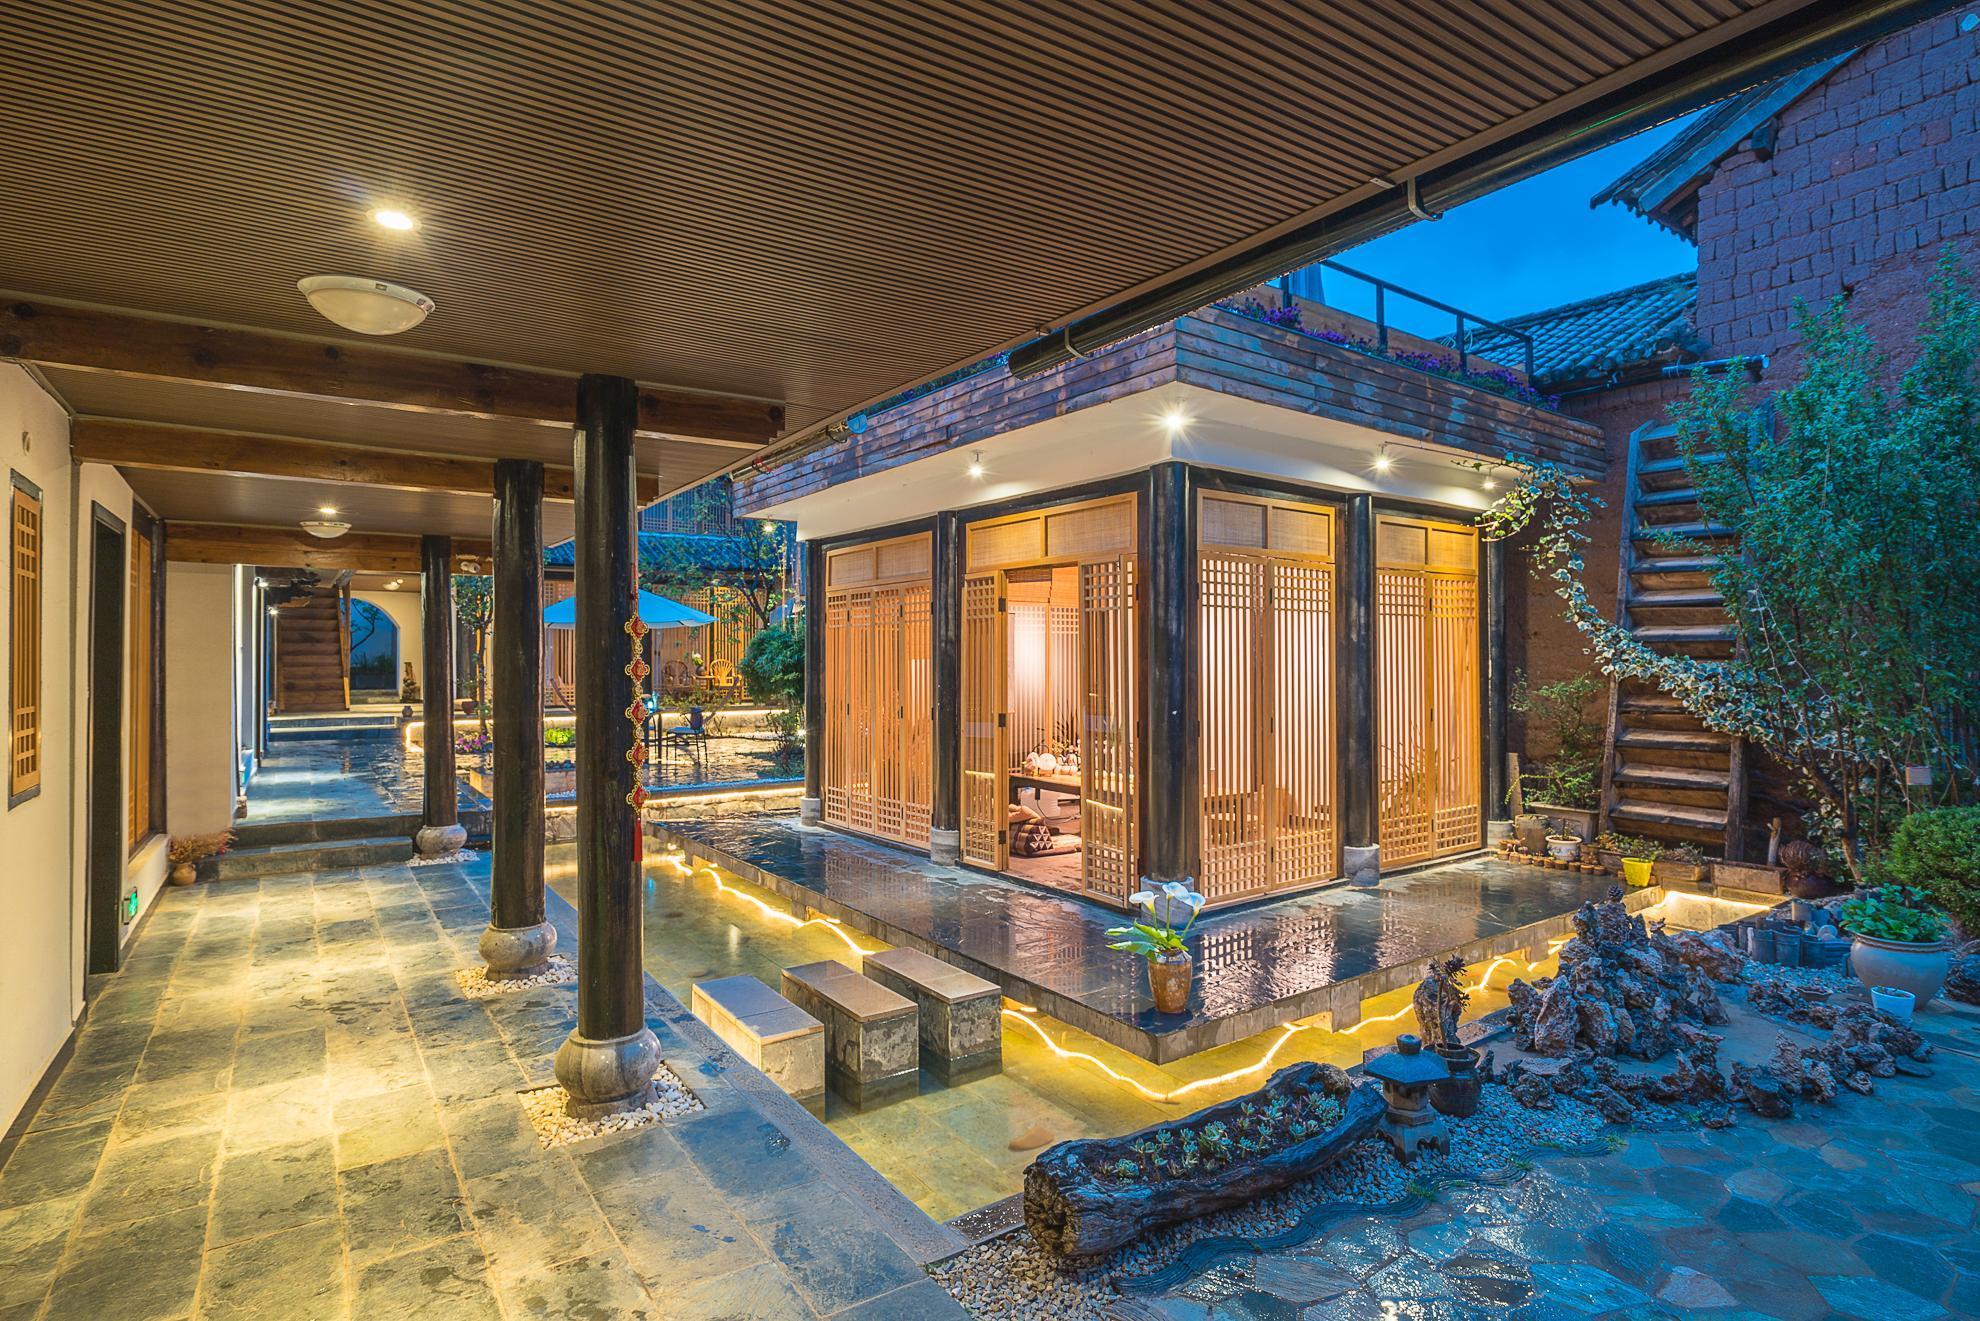 Shaxi Qingjing Courtyard